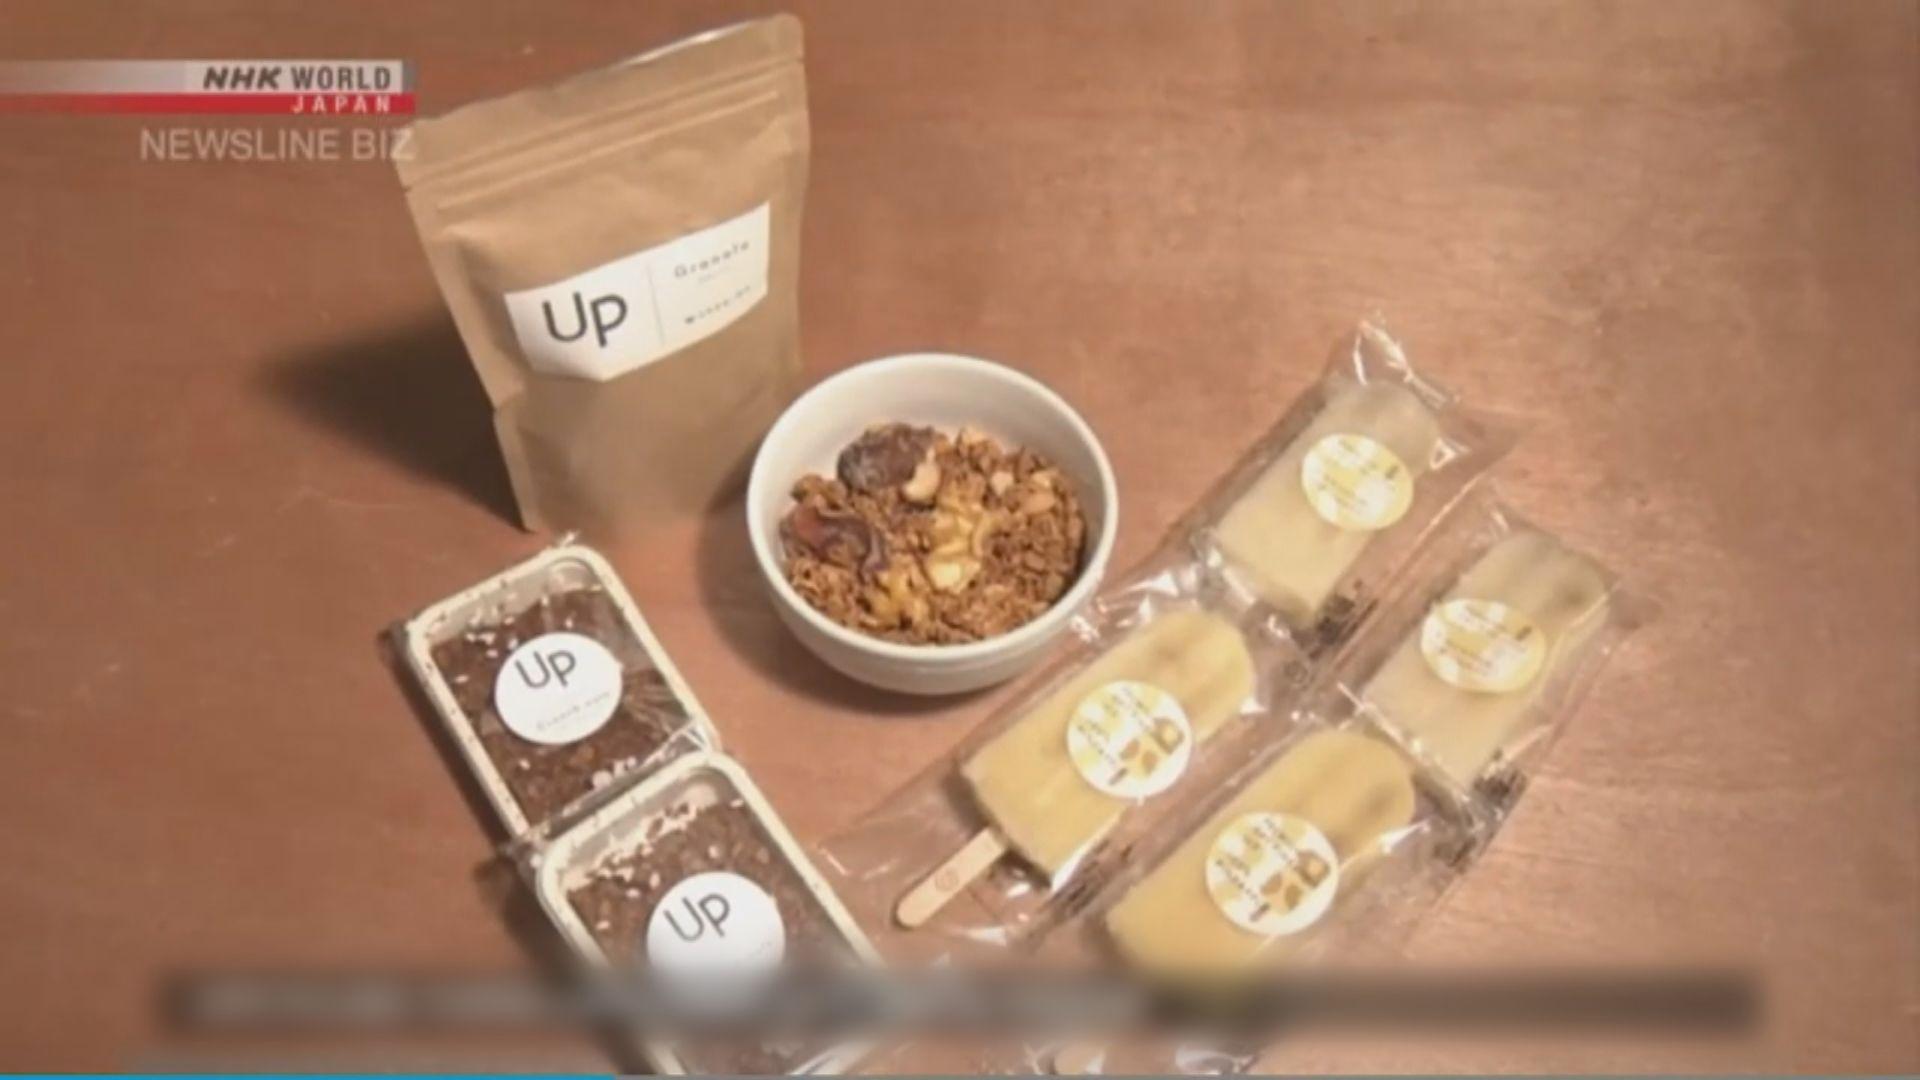 日本企業為廢棄食物「升級改造」